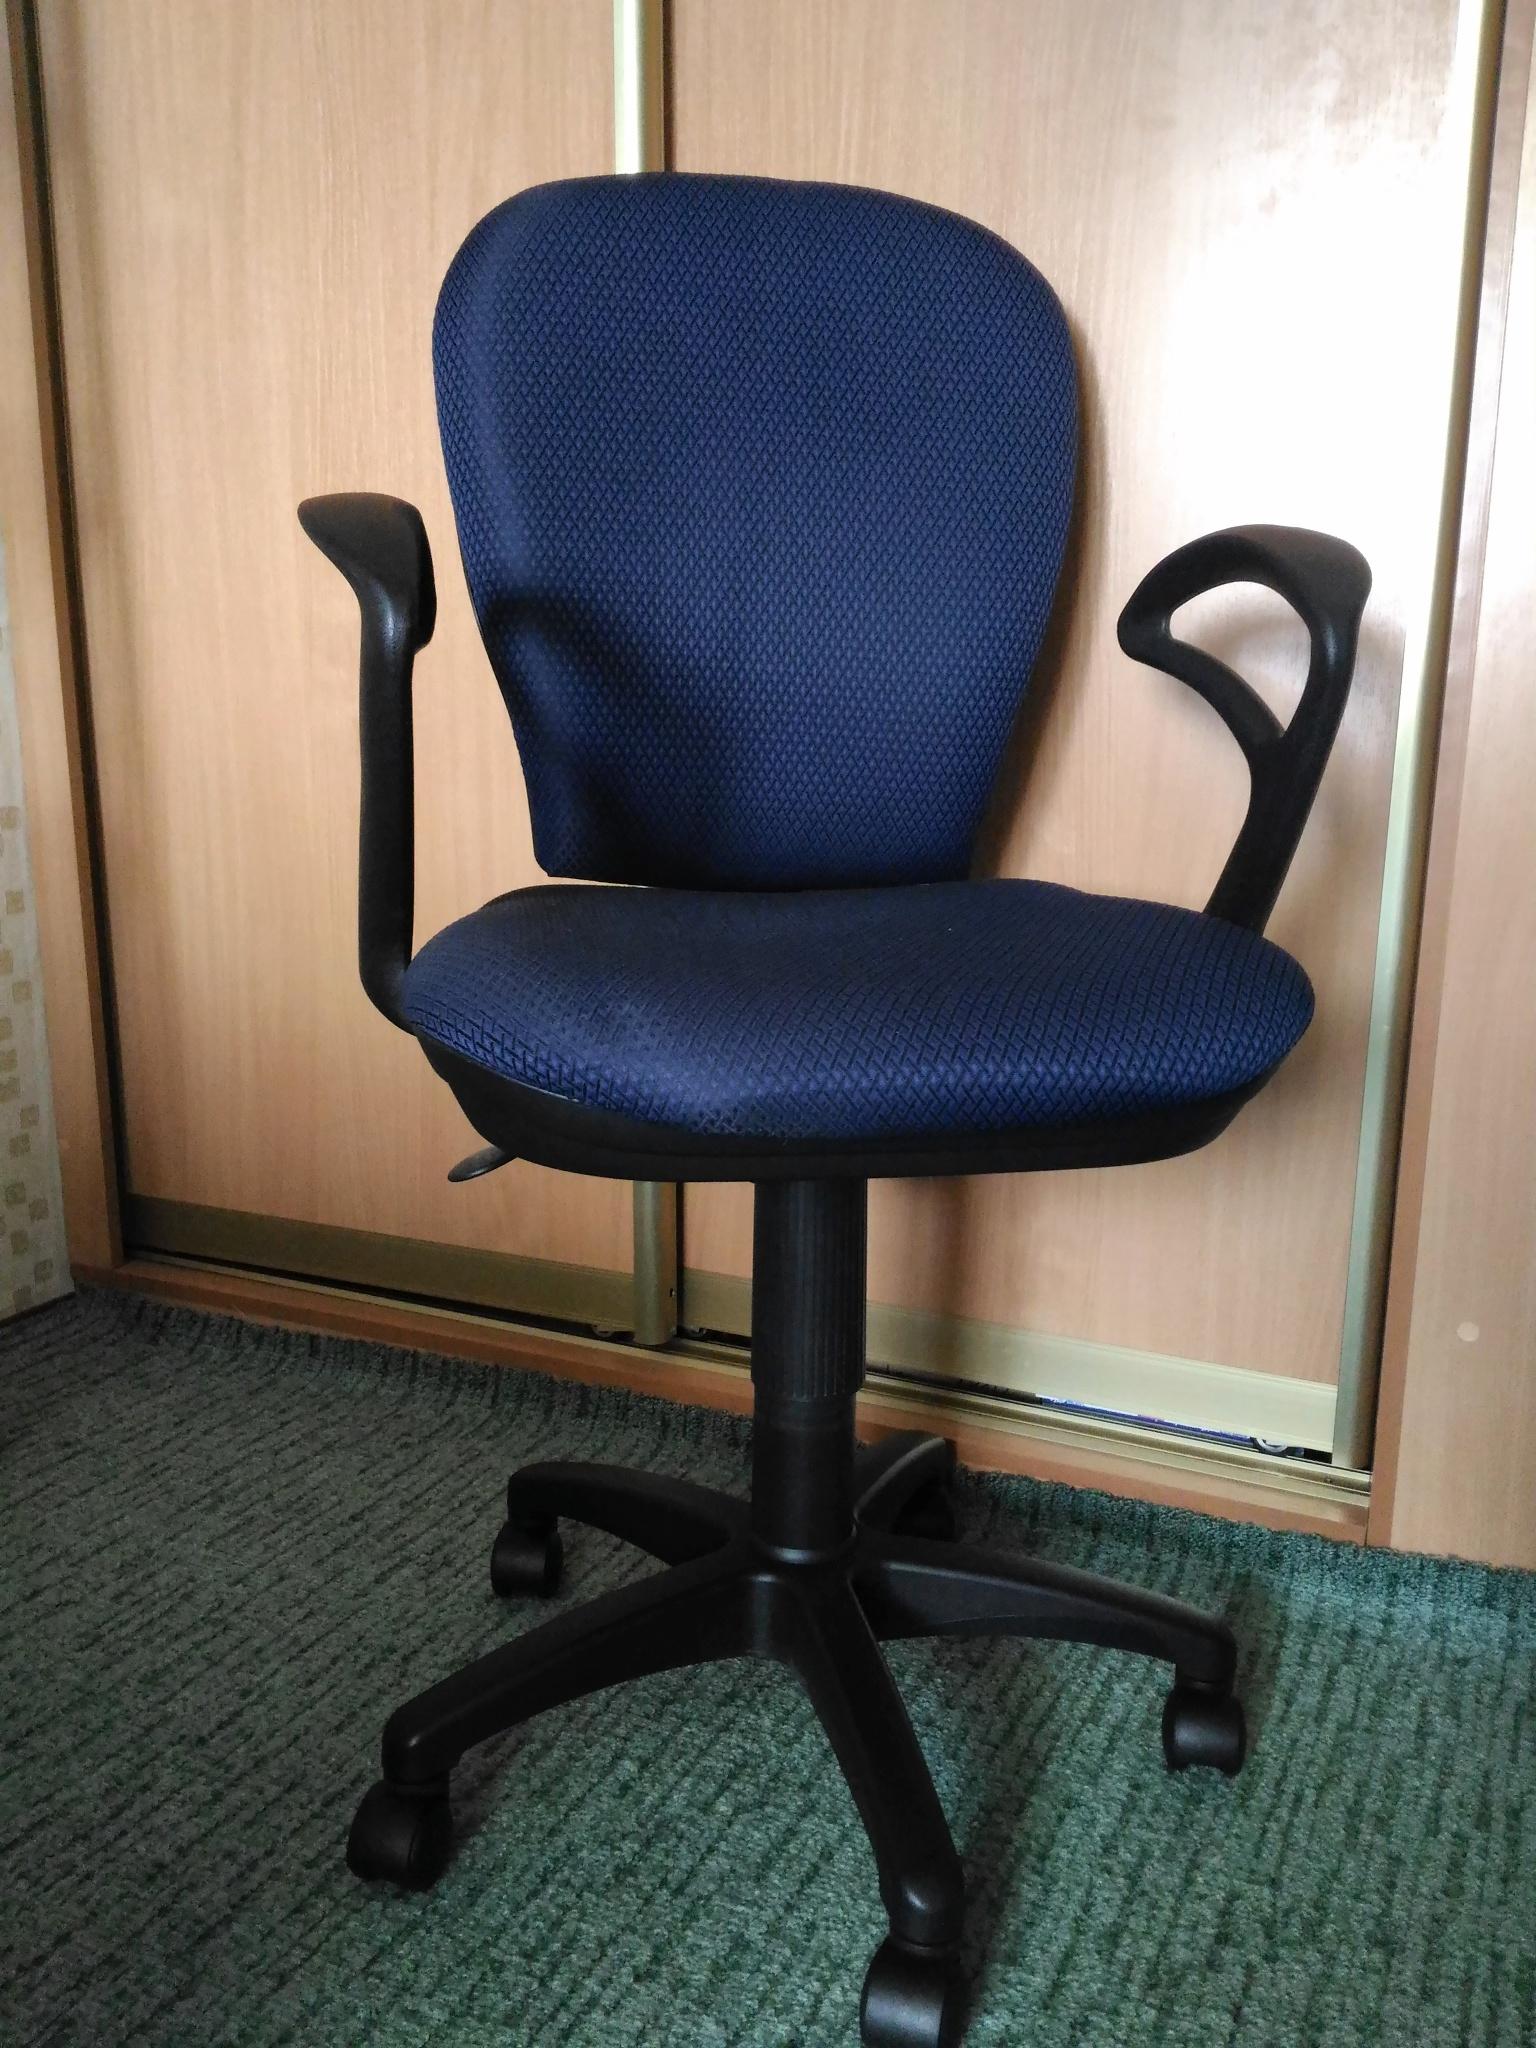 вас есть кресло компьютерное синее бу фото понятие, как